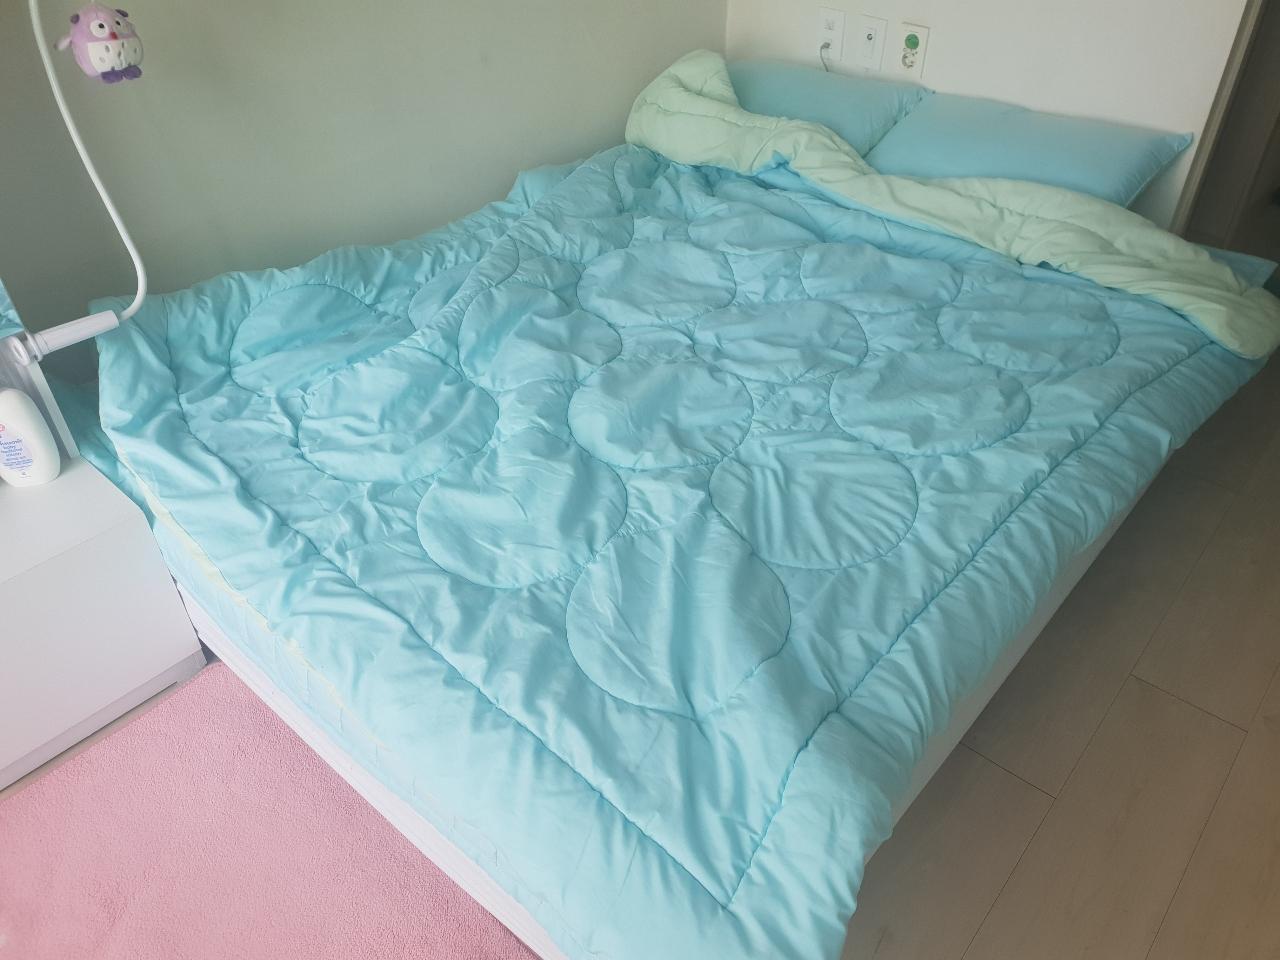 퀸사이즈 침대 판매합니다.